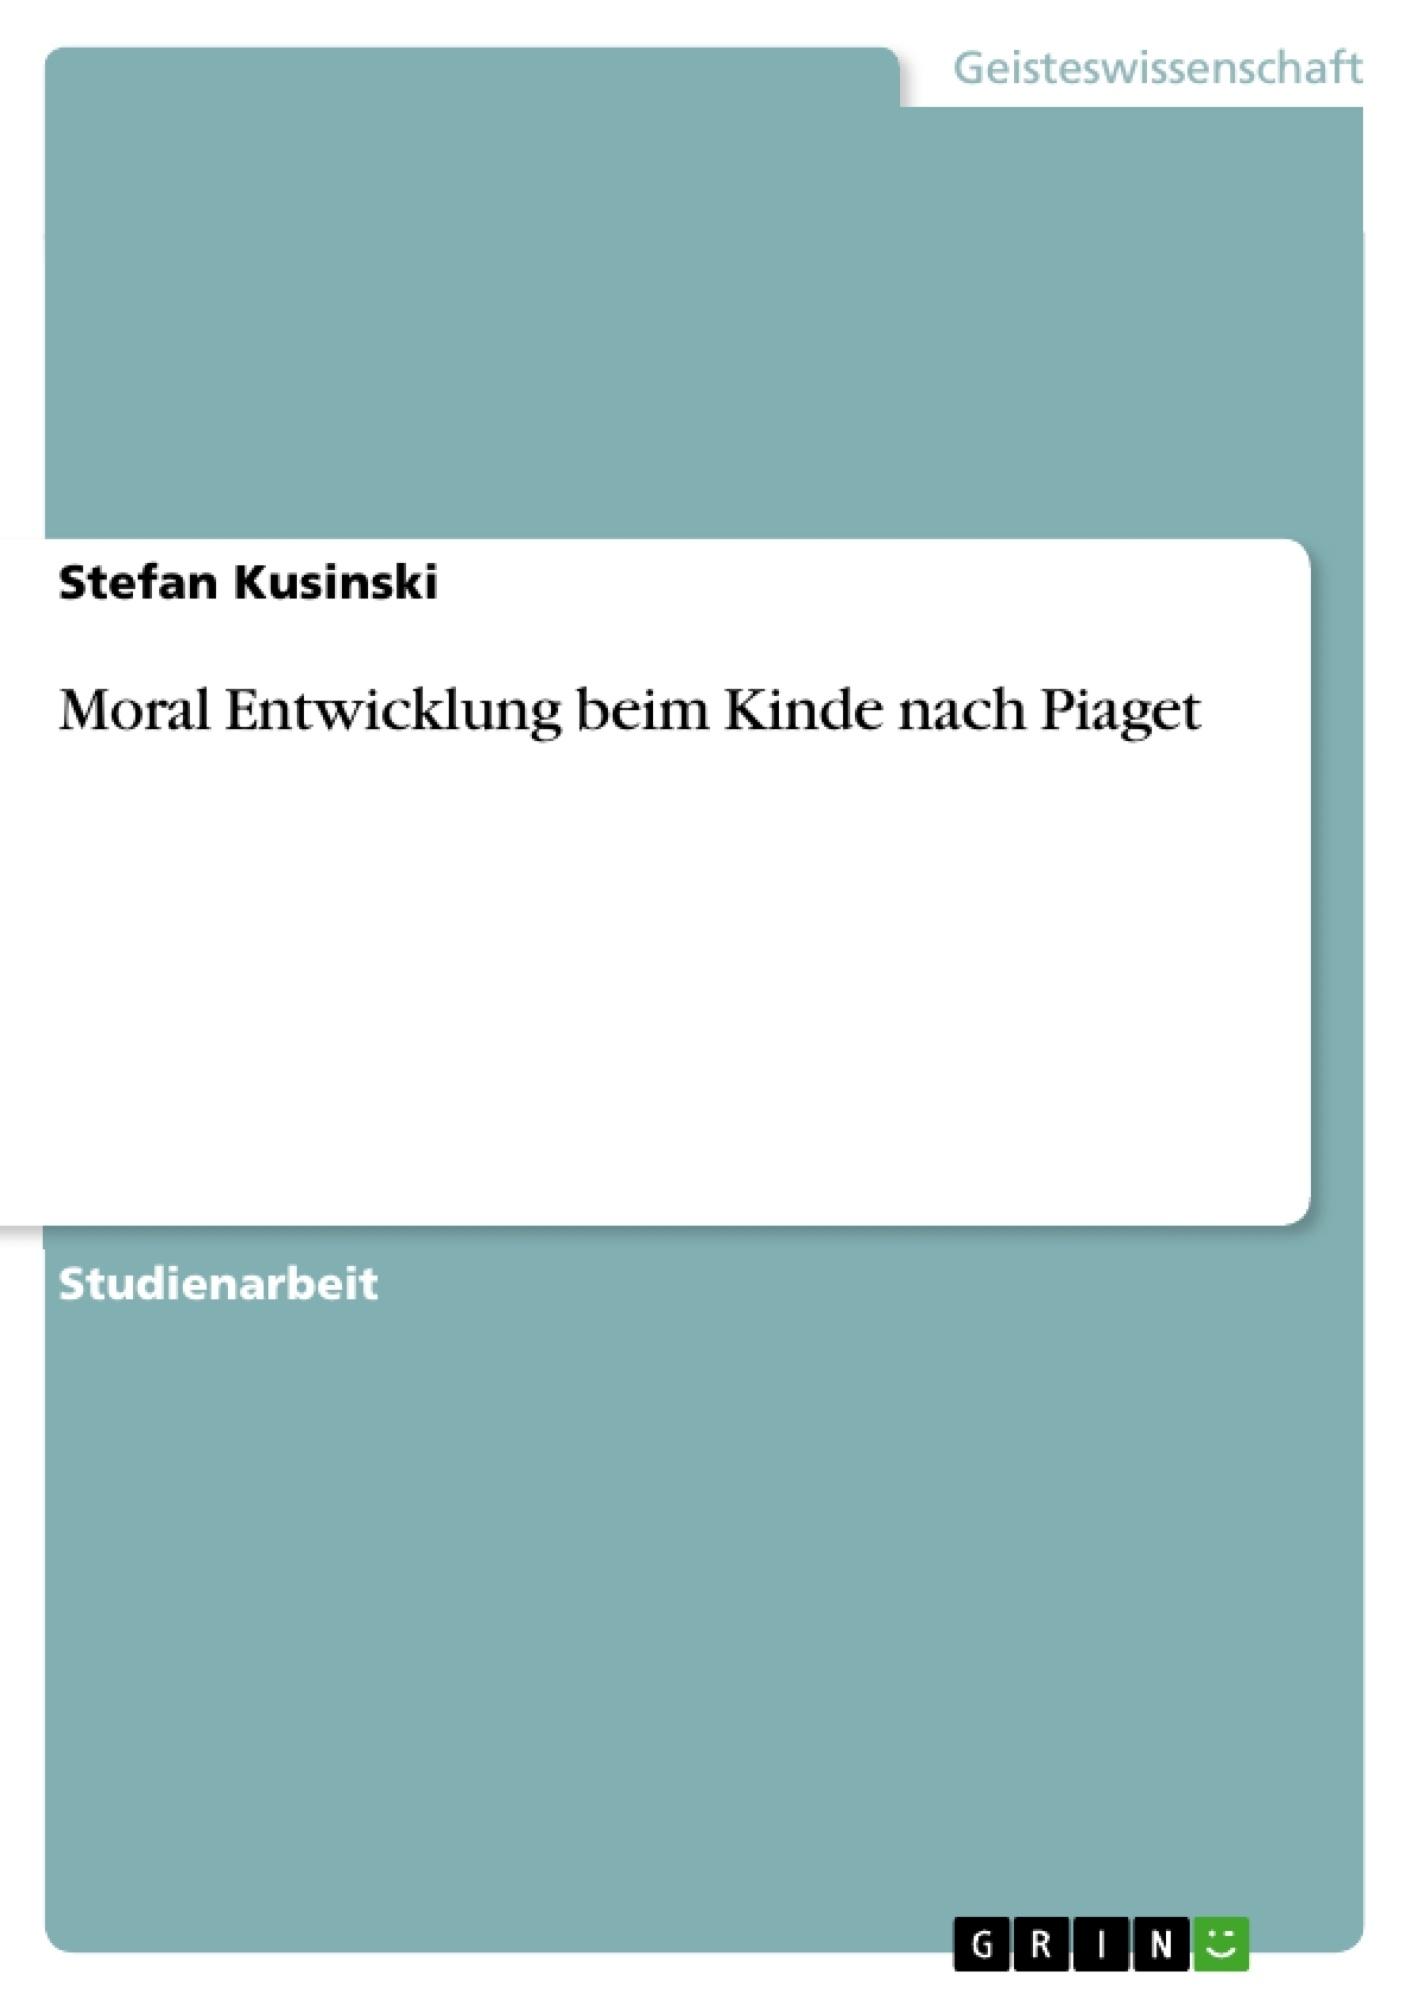 Titel: Moral Entwicklung beim Kinde nach Piaget